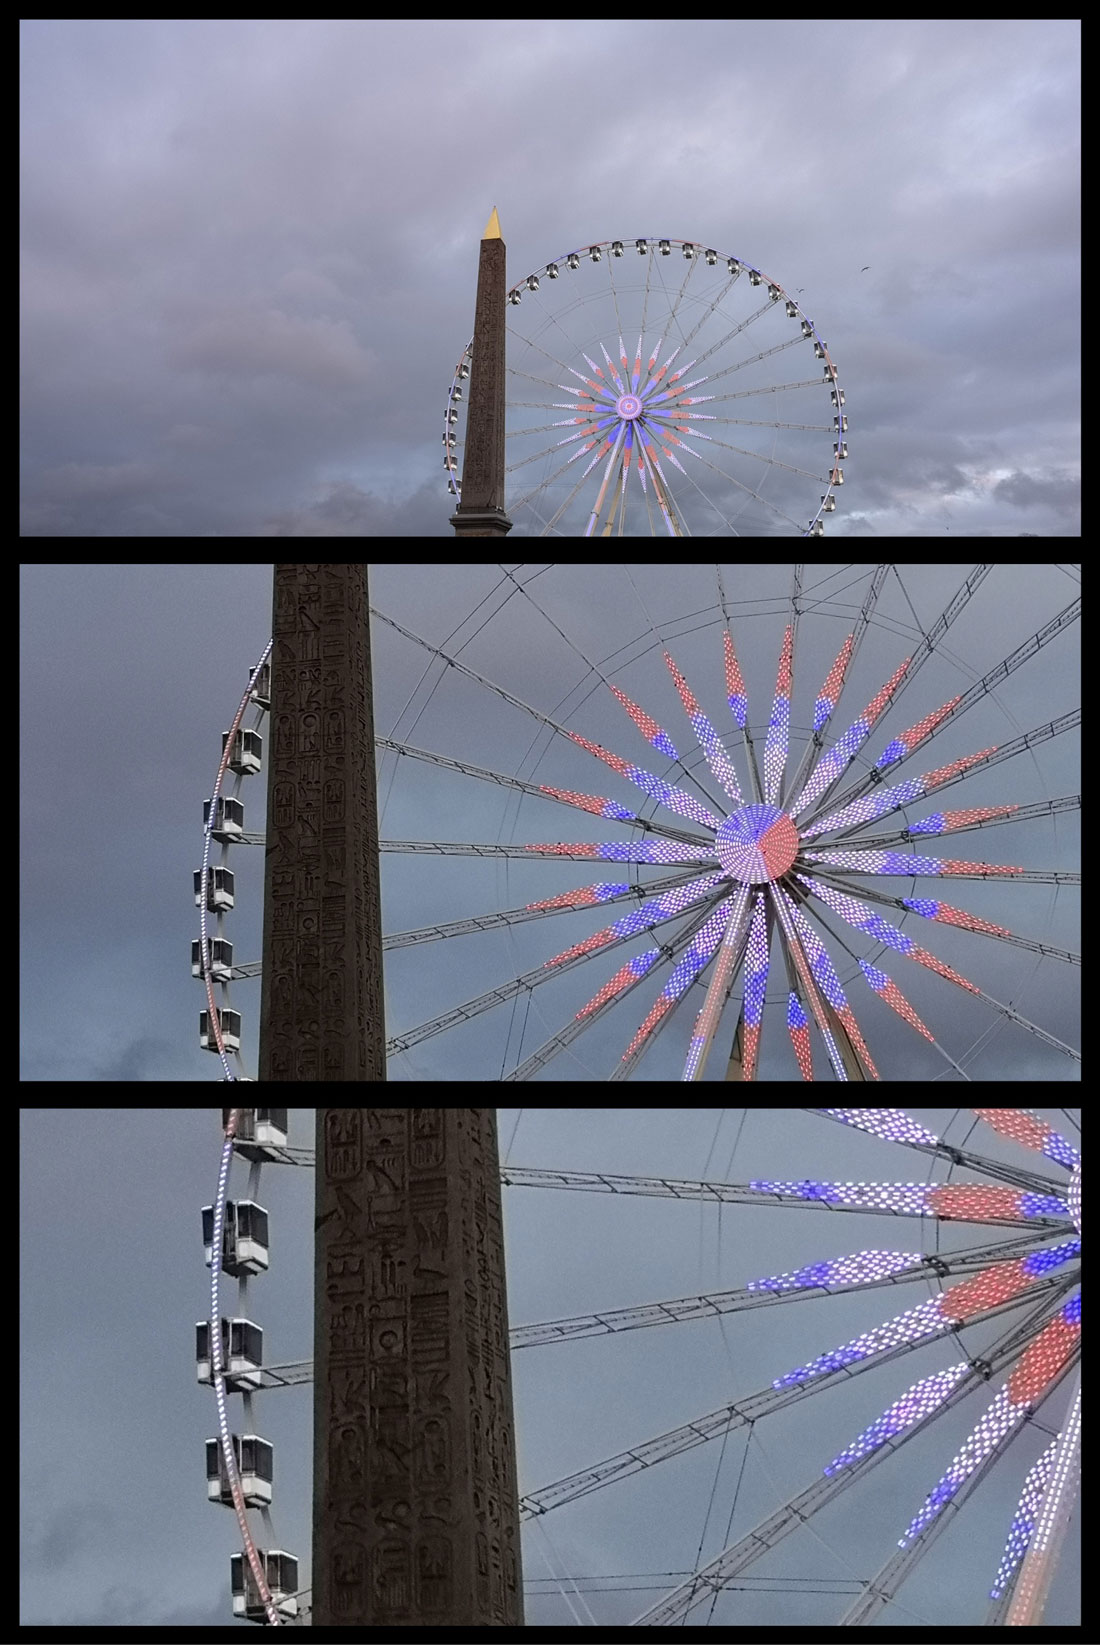 Photos prises avec le Huawei P20 Pro avec les zooms x1, x3 et x5. Ph. Moctar KANE.